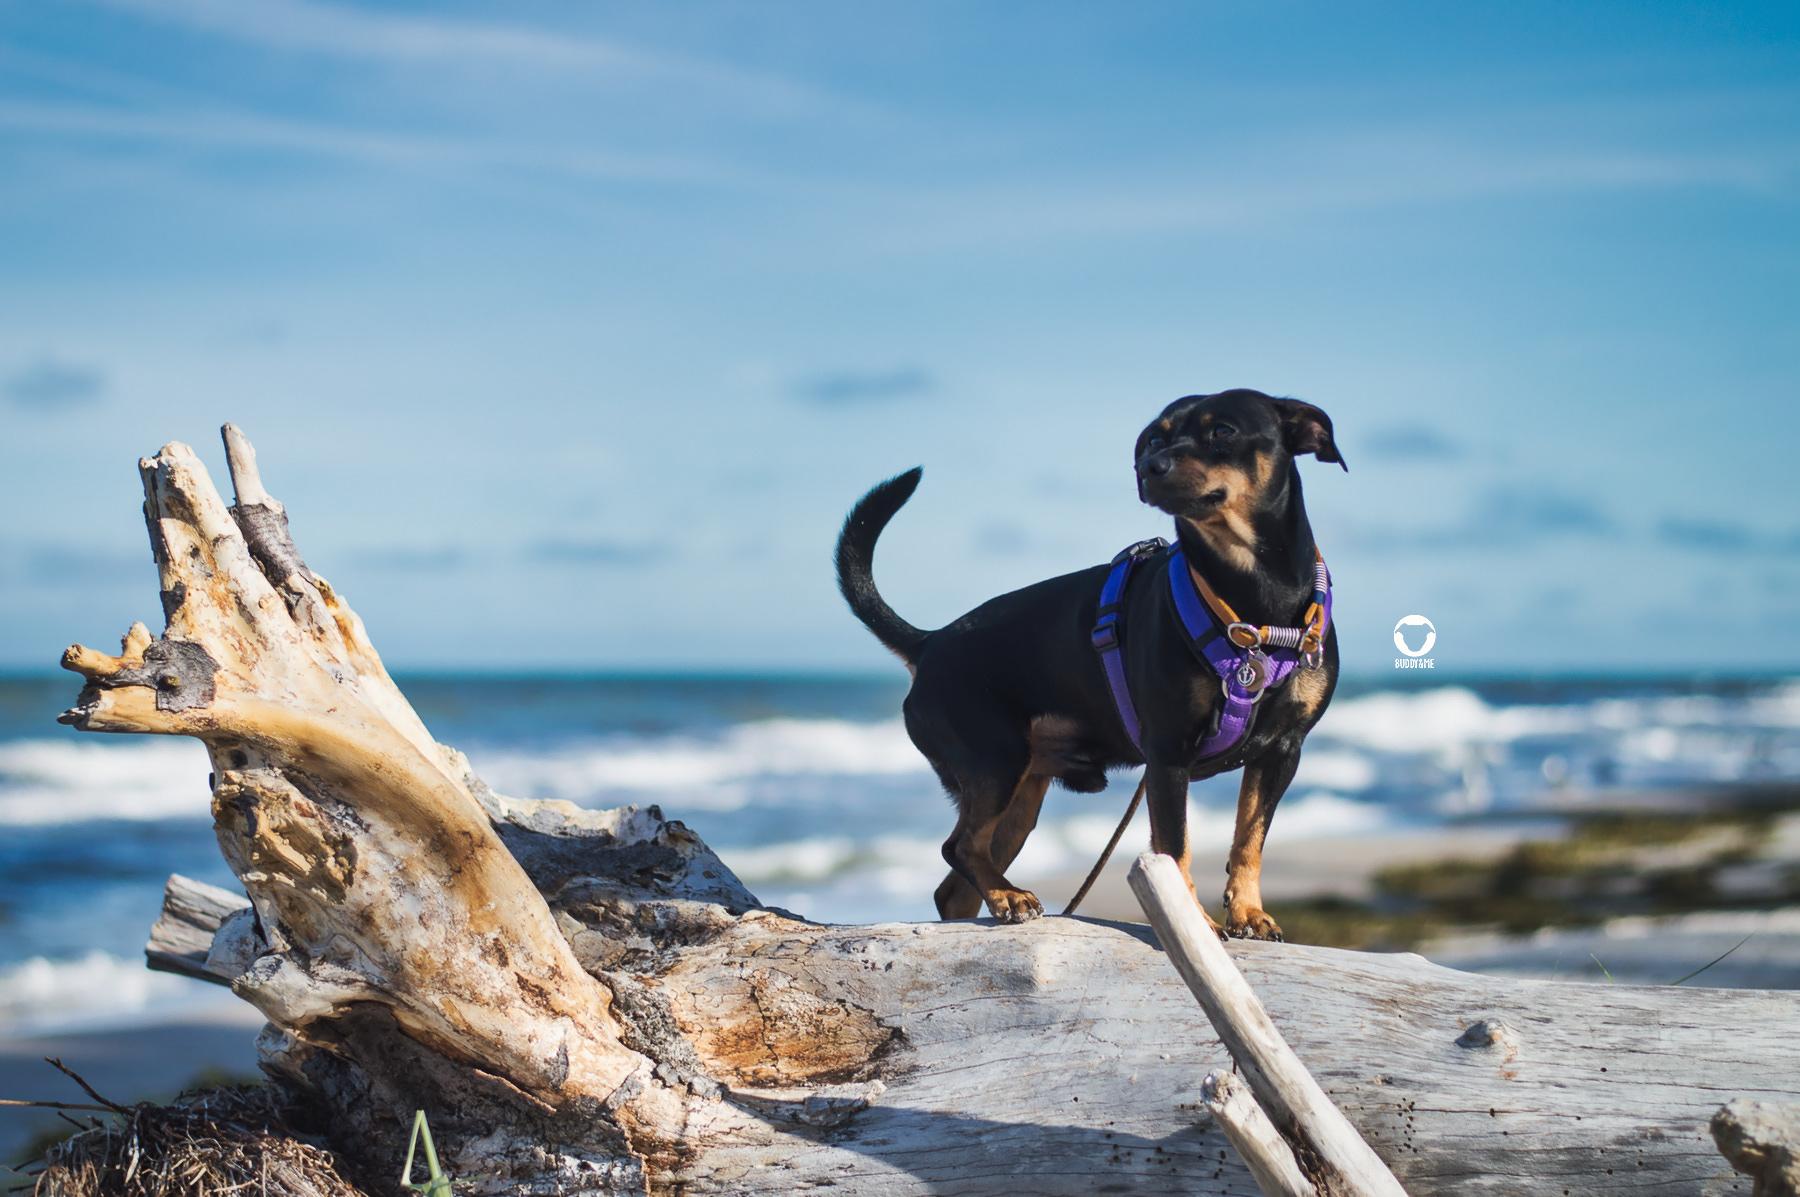 Pinscher Buddy, Buddy and Me, Hundeblog, Dogblog, Urllaub mit Hund, Hundeurlaub, Ostsee, Darß, Zingst, Strand, Meer, Weststrand, Ausflug, Darßwald, September